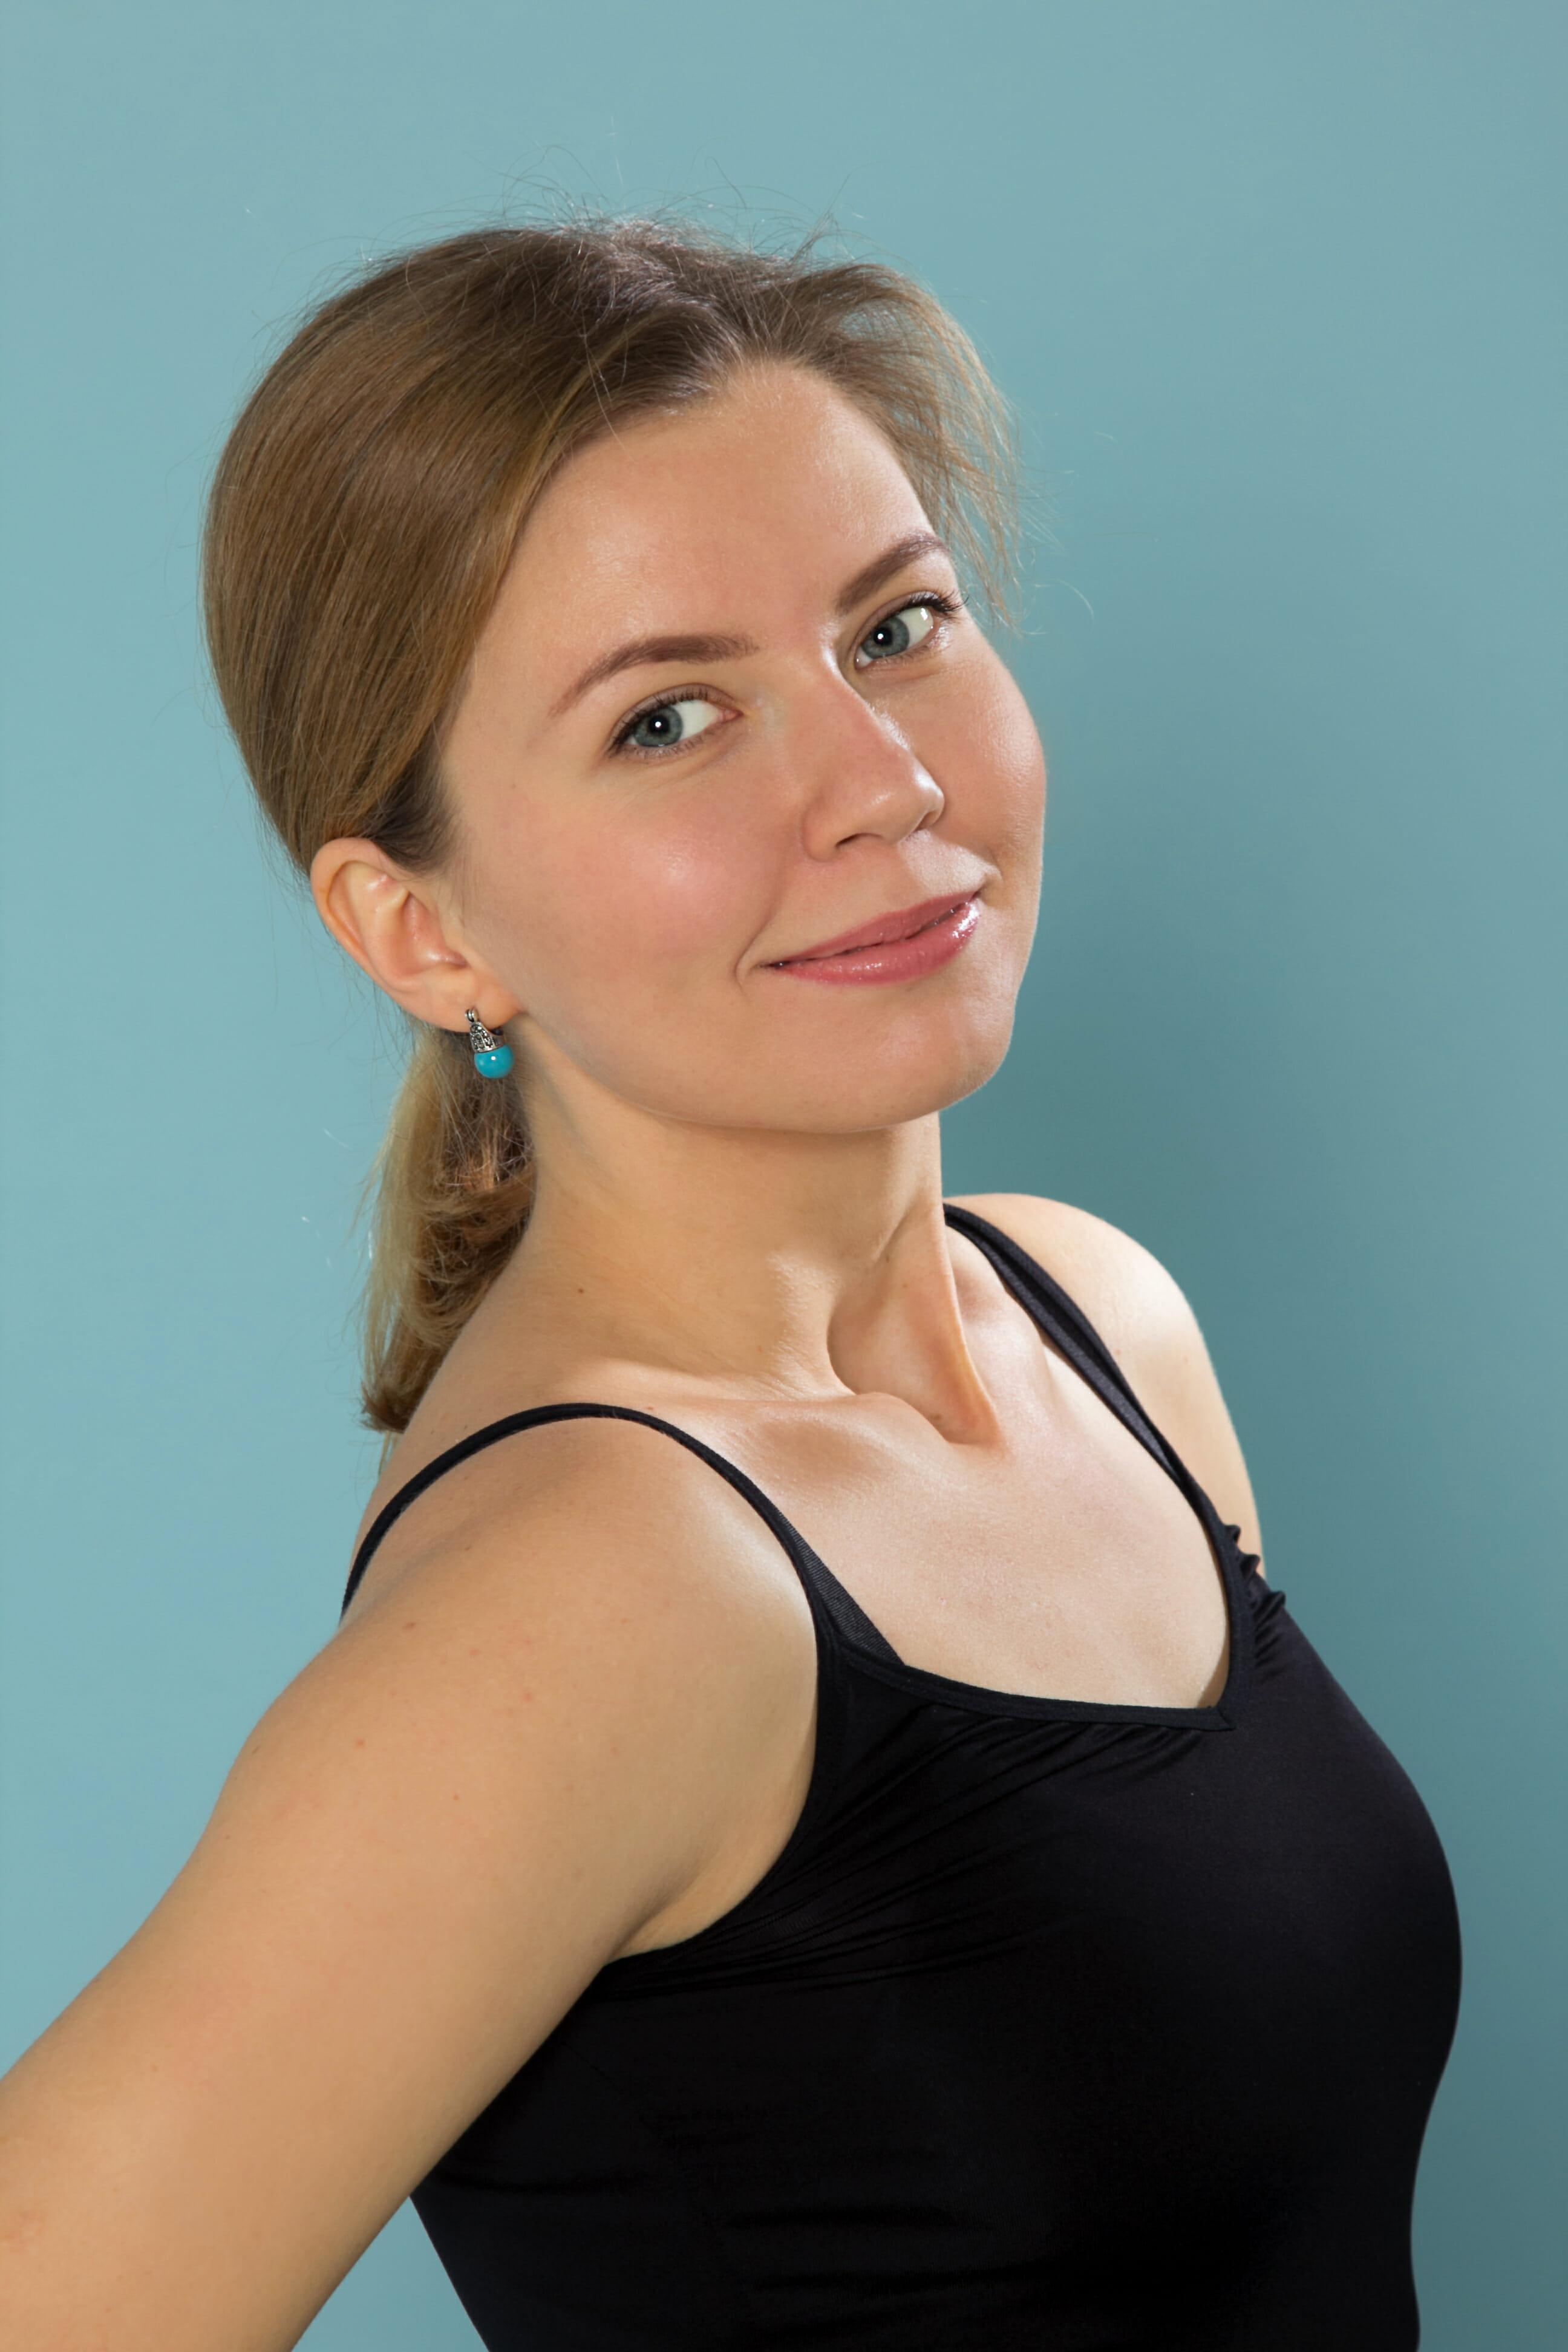 Йога тренер инструктор преподаватель Баранкова Наталья